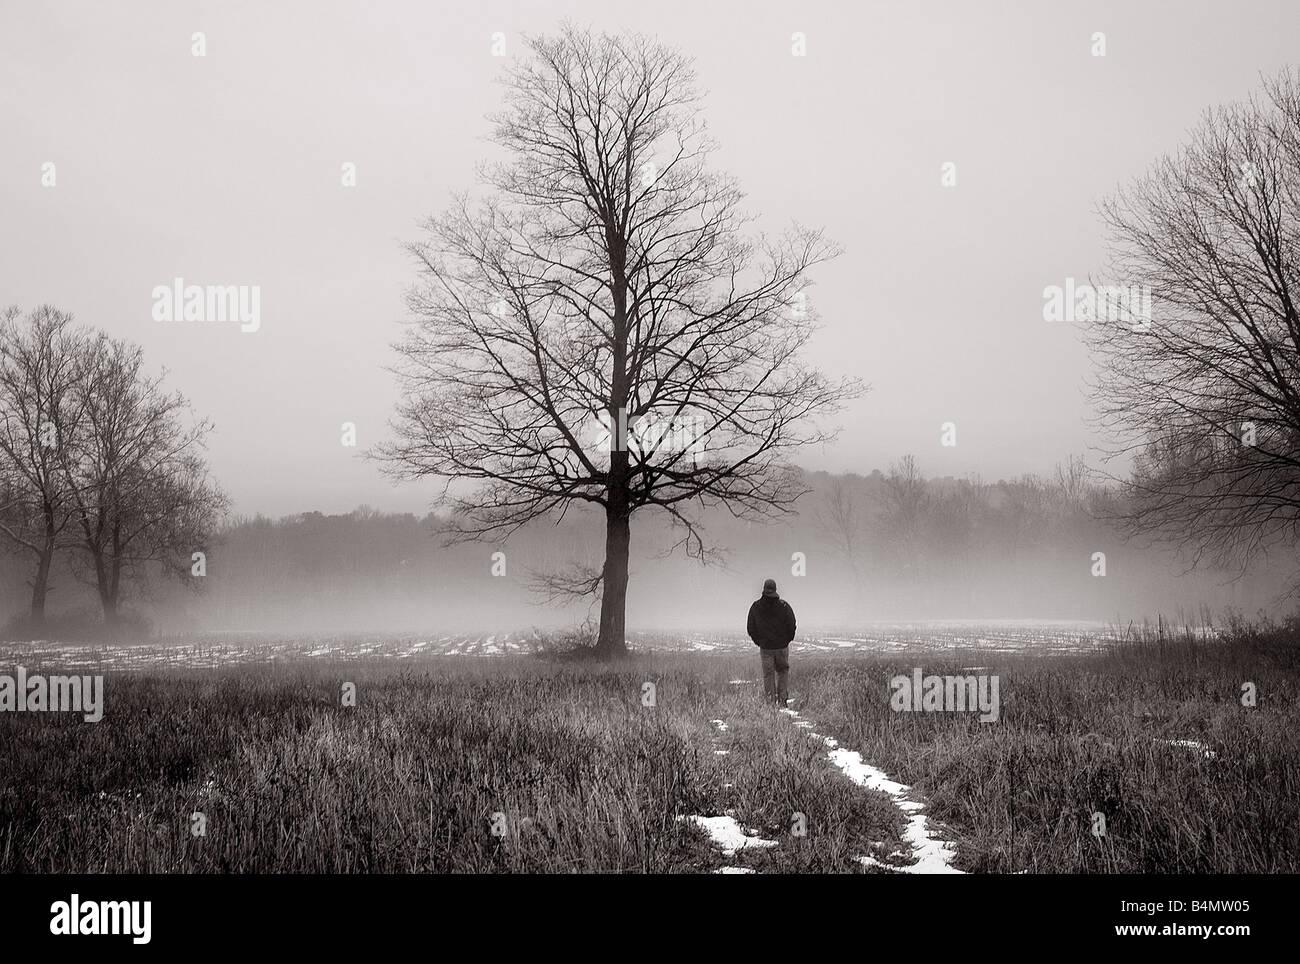 Imágenes de ensueño de un misterioso hombre caminando en la niebla cerca de un árbol grande Foto de stock